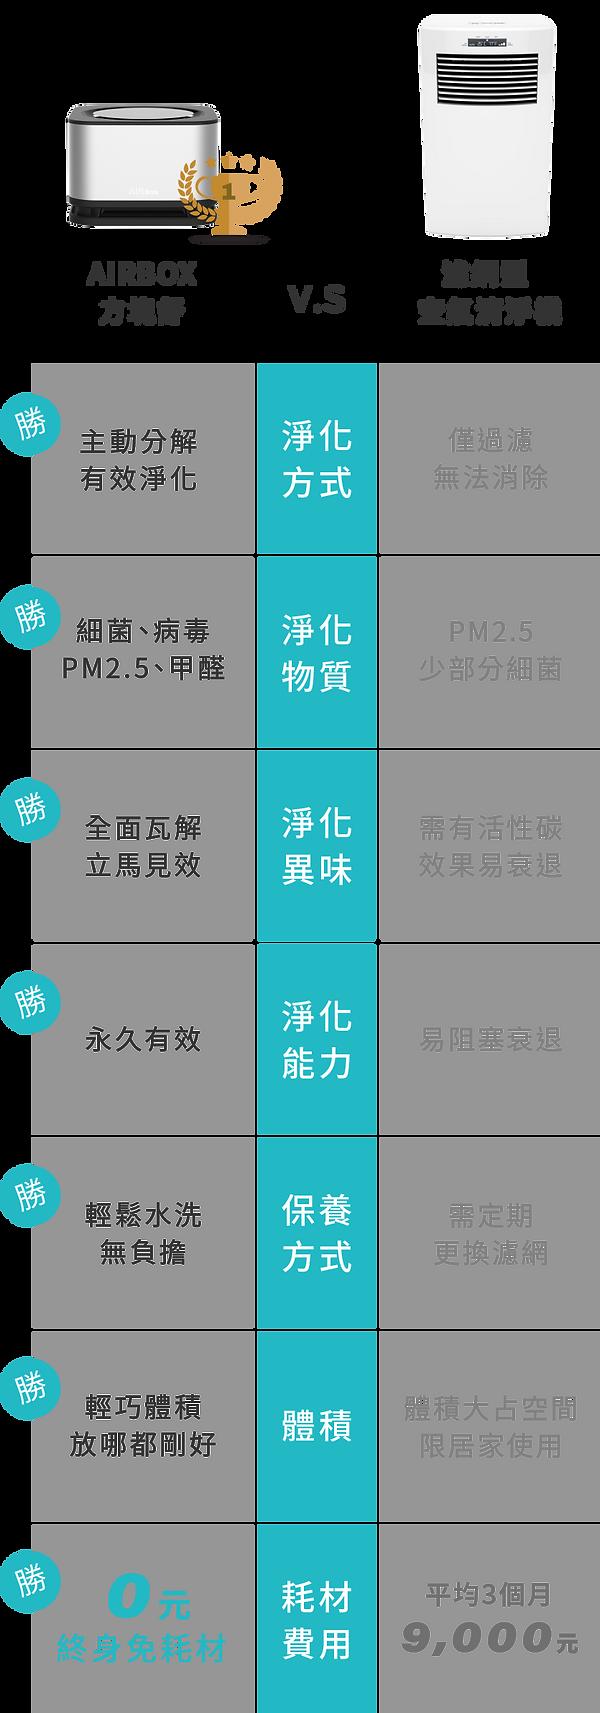 v1_比較表.png